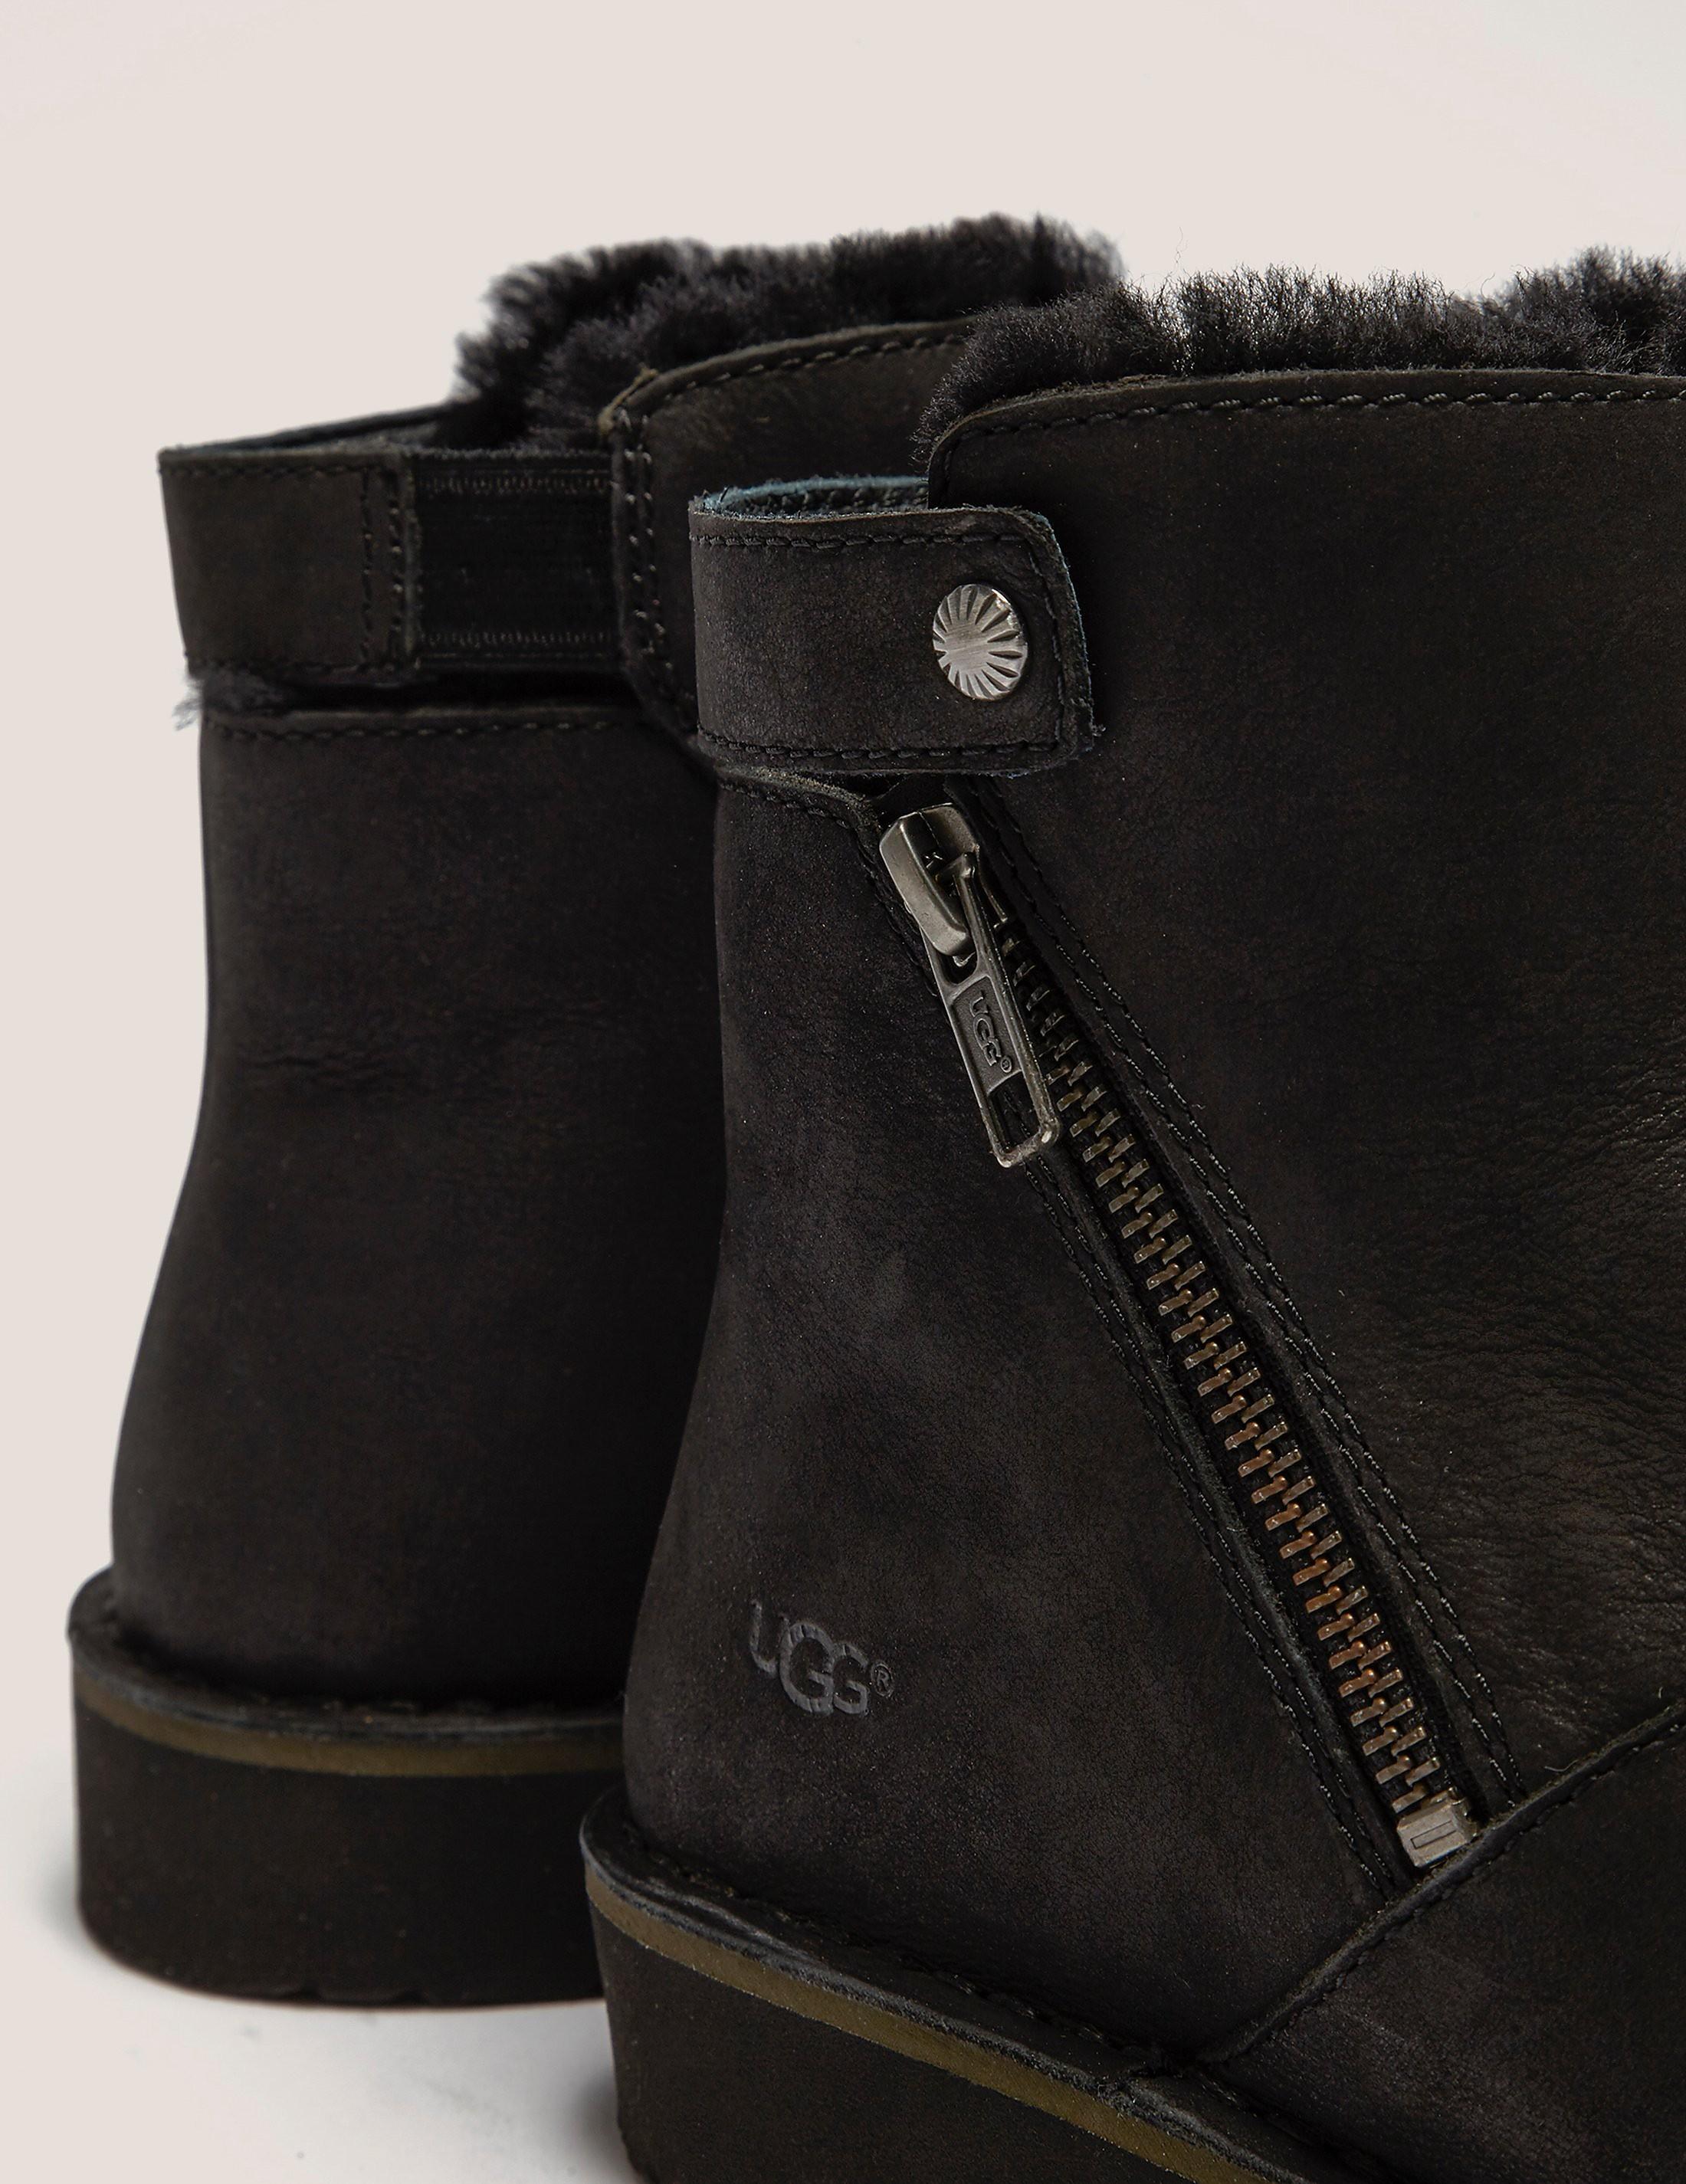 UGG Kayel Boots